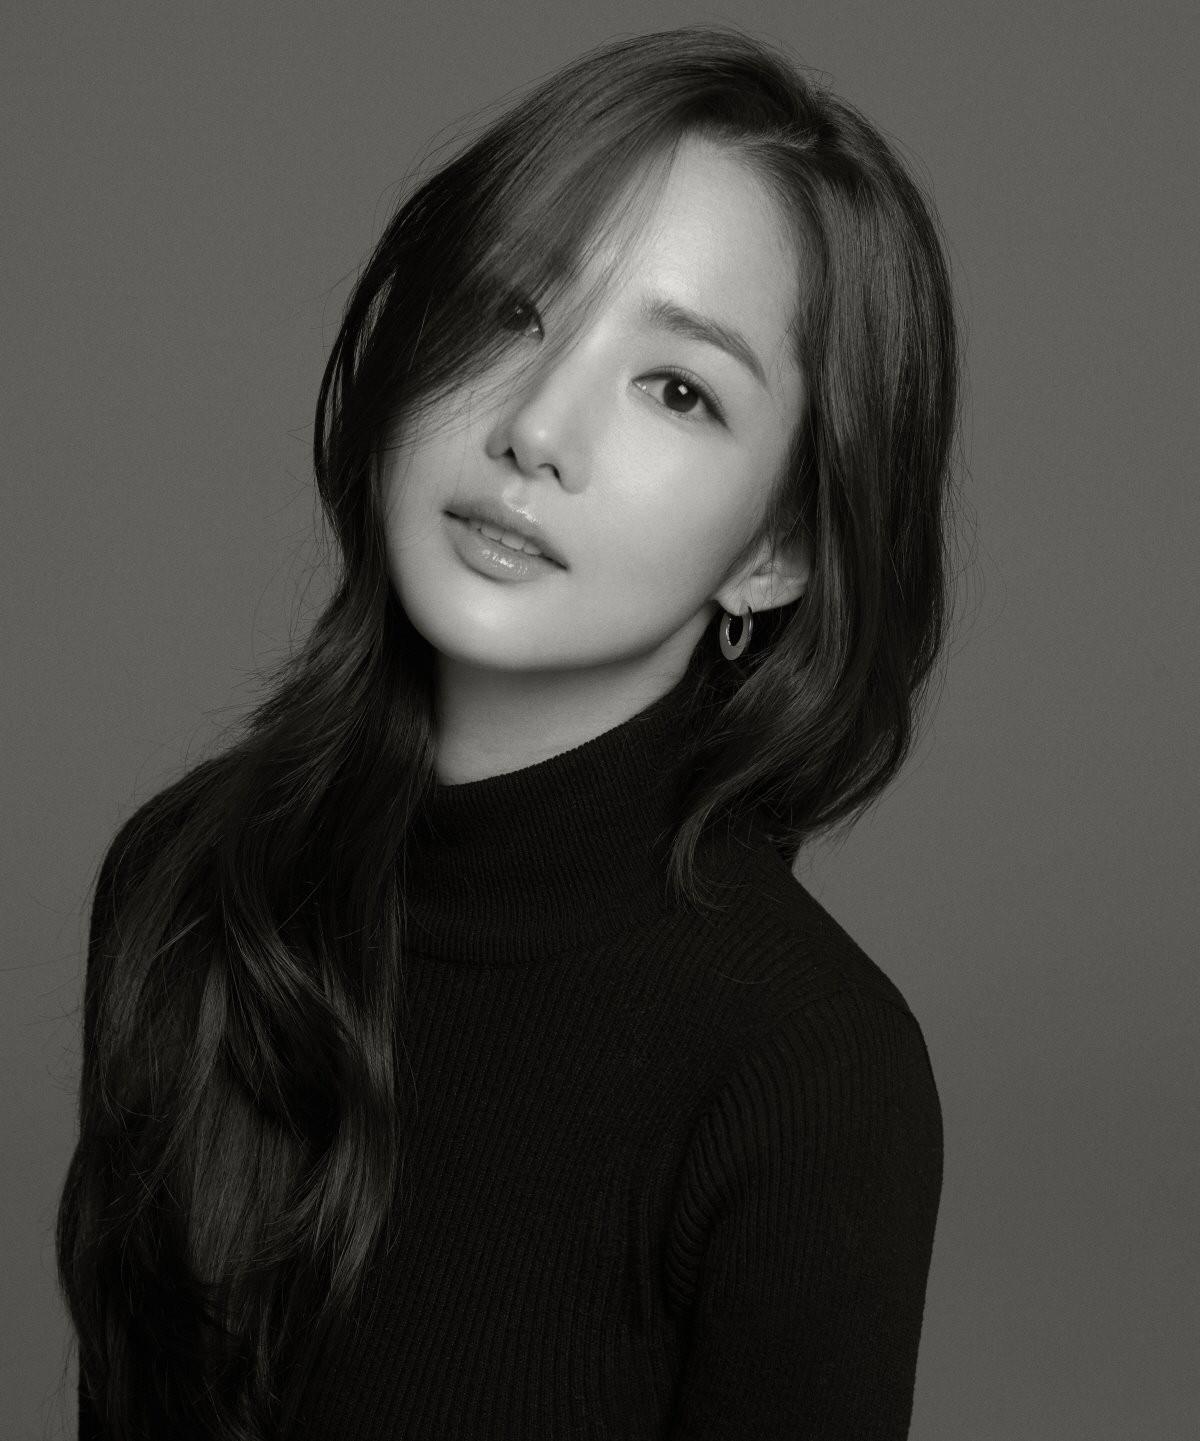 Ảnh hậu trường đẹp khó tin của đệ nhất dao kéo Park Min Young: Đẳng cấp còn hơn cả thiên thần tỉ tỉ - Ảnh 16.